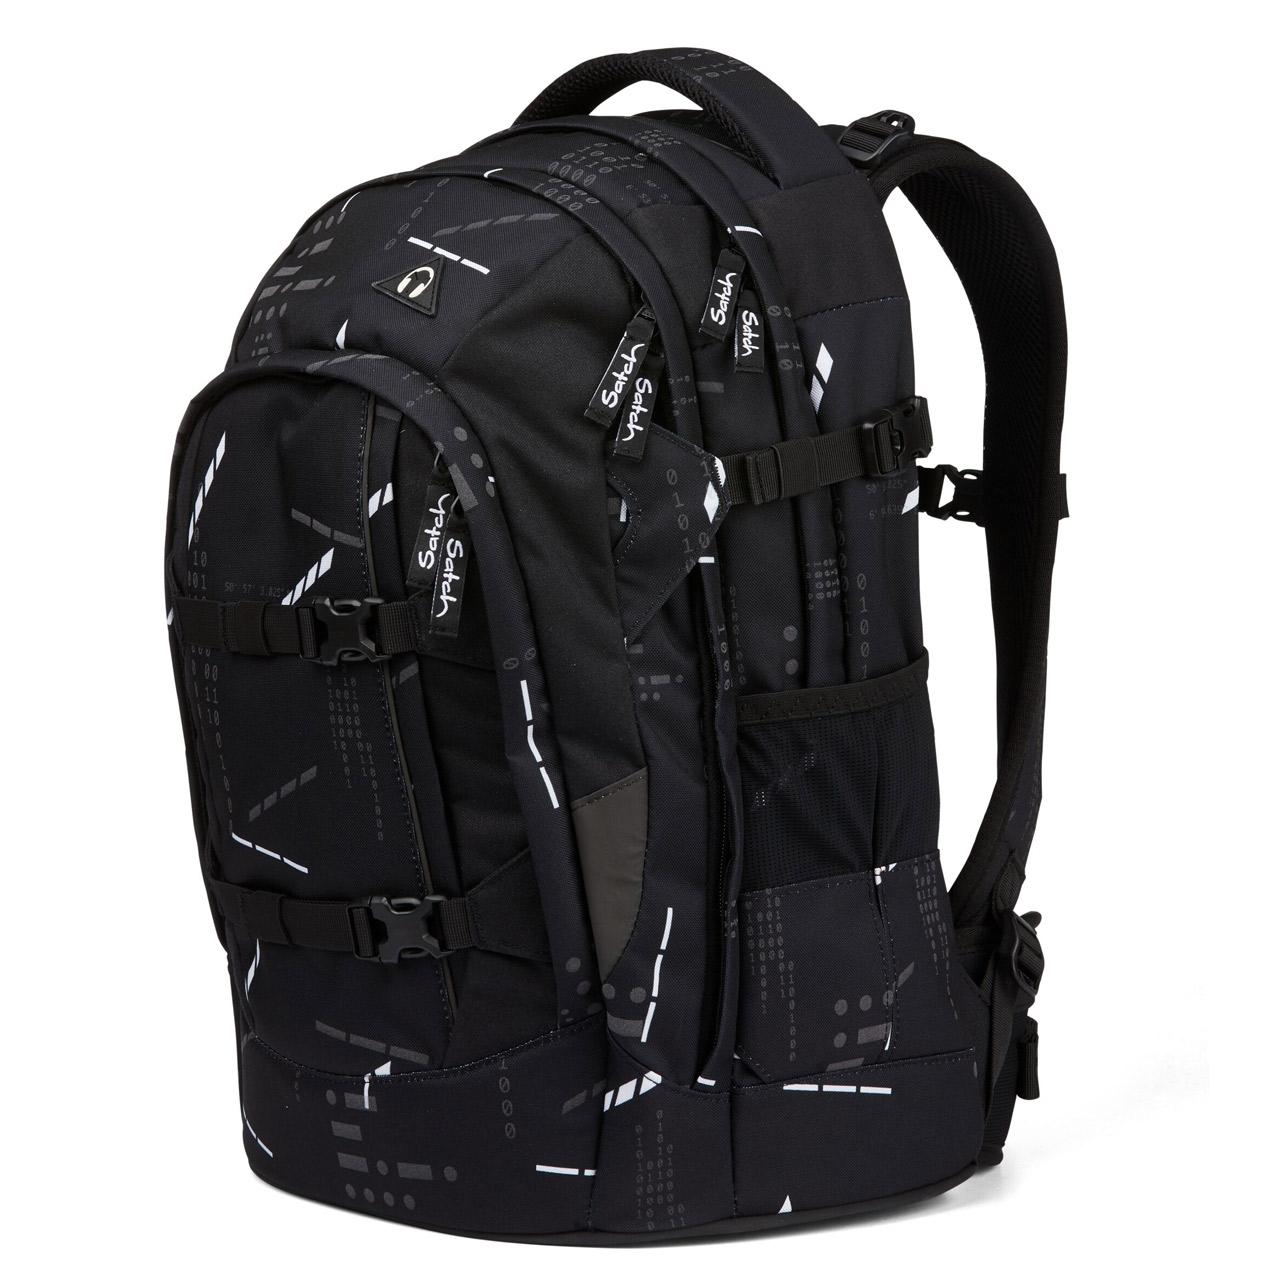 Satch Pack Hátizsák - Ninja Matrix - 4